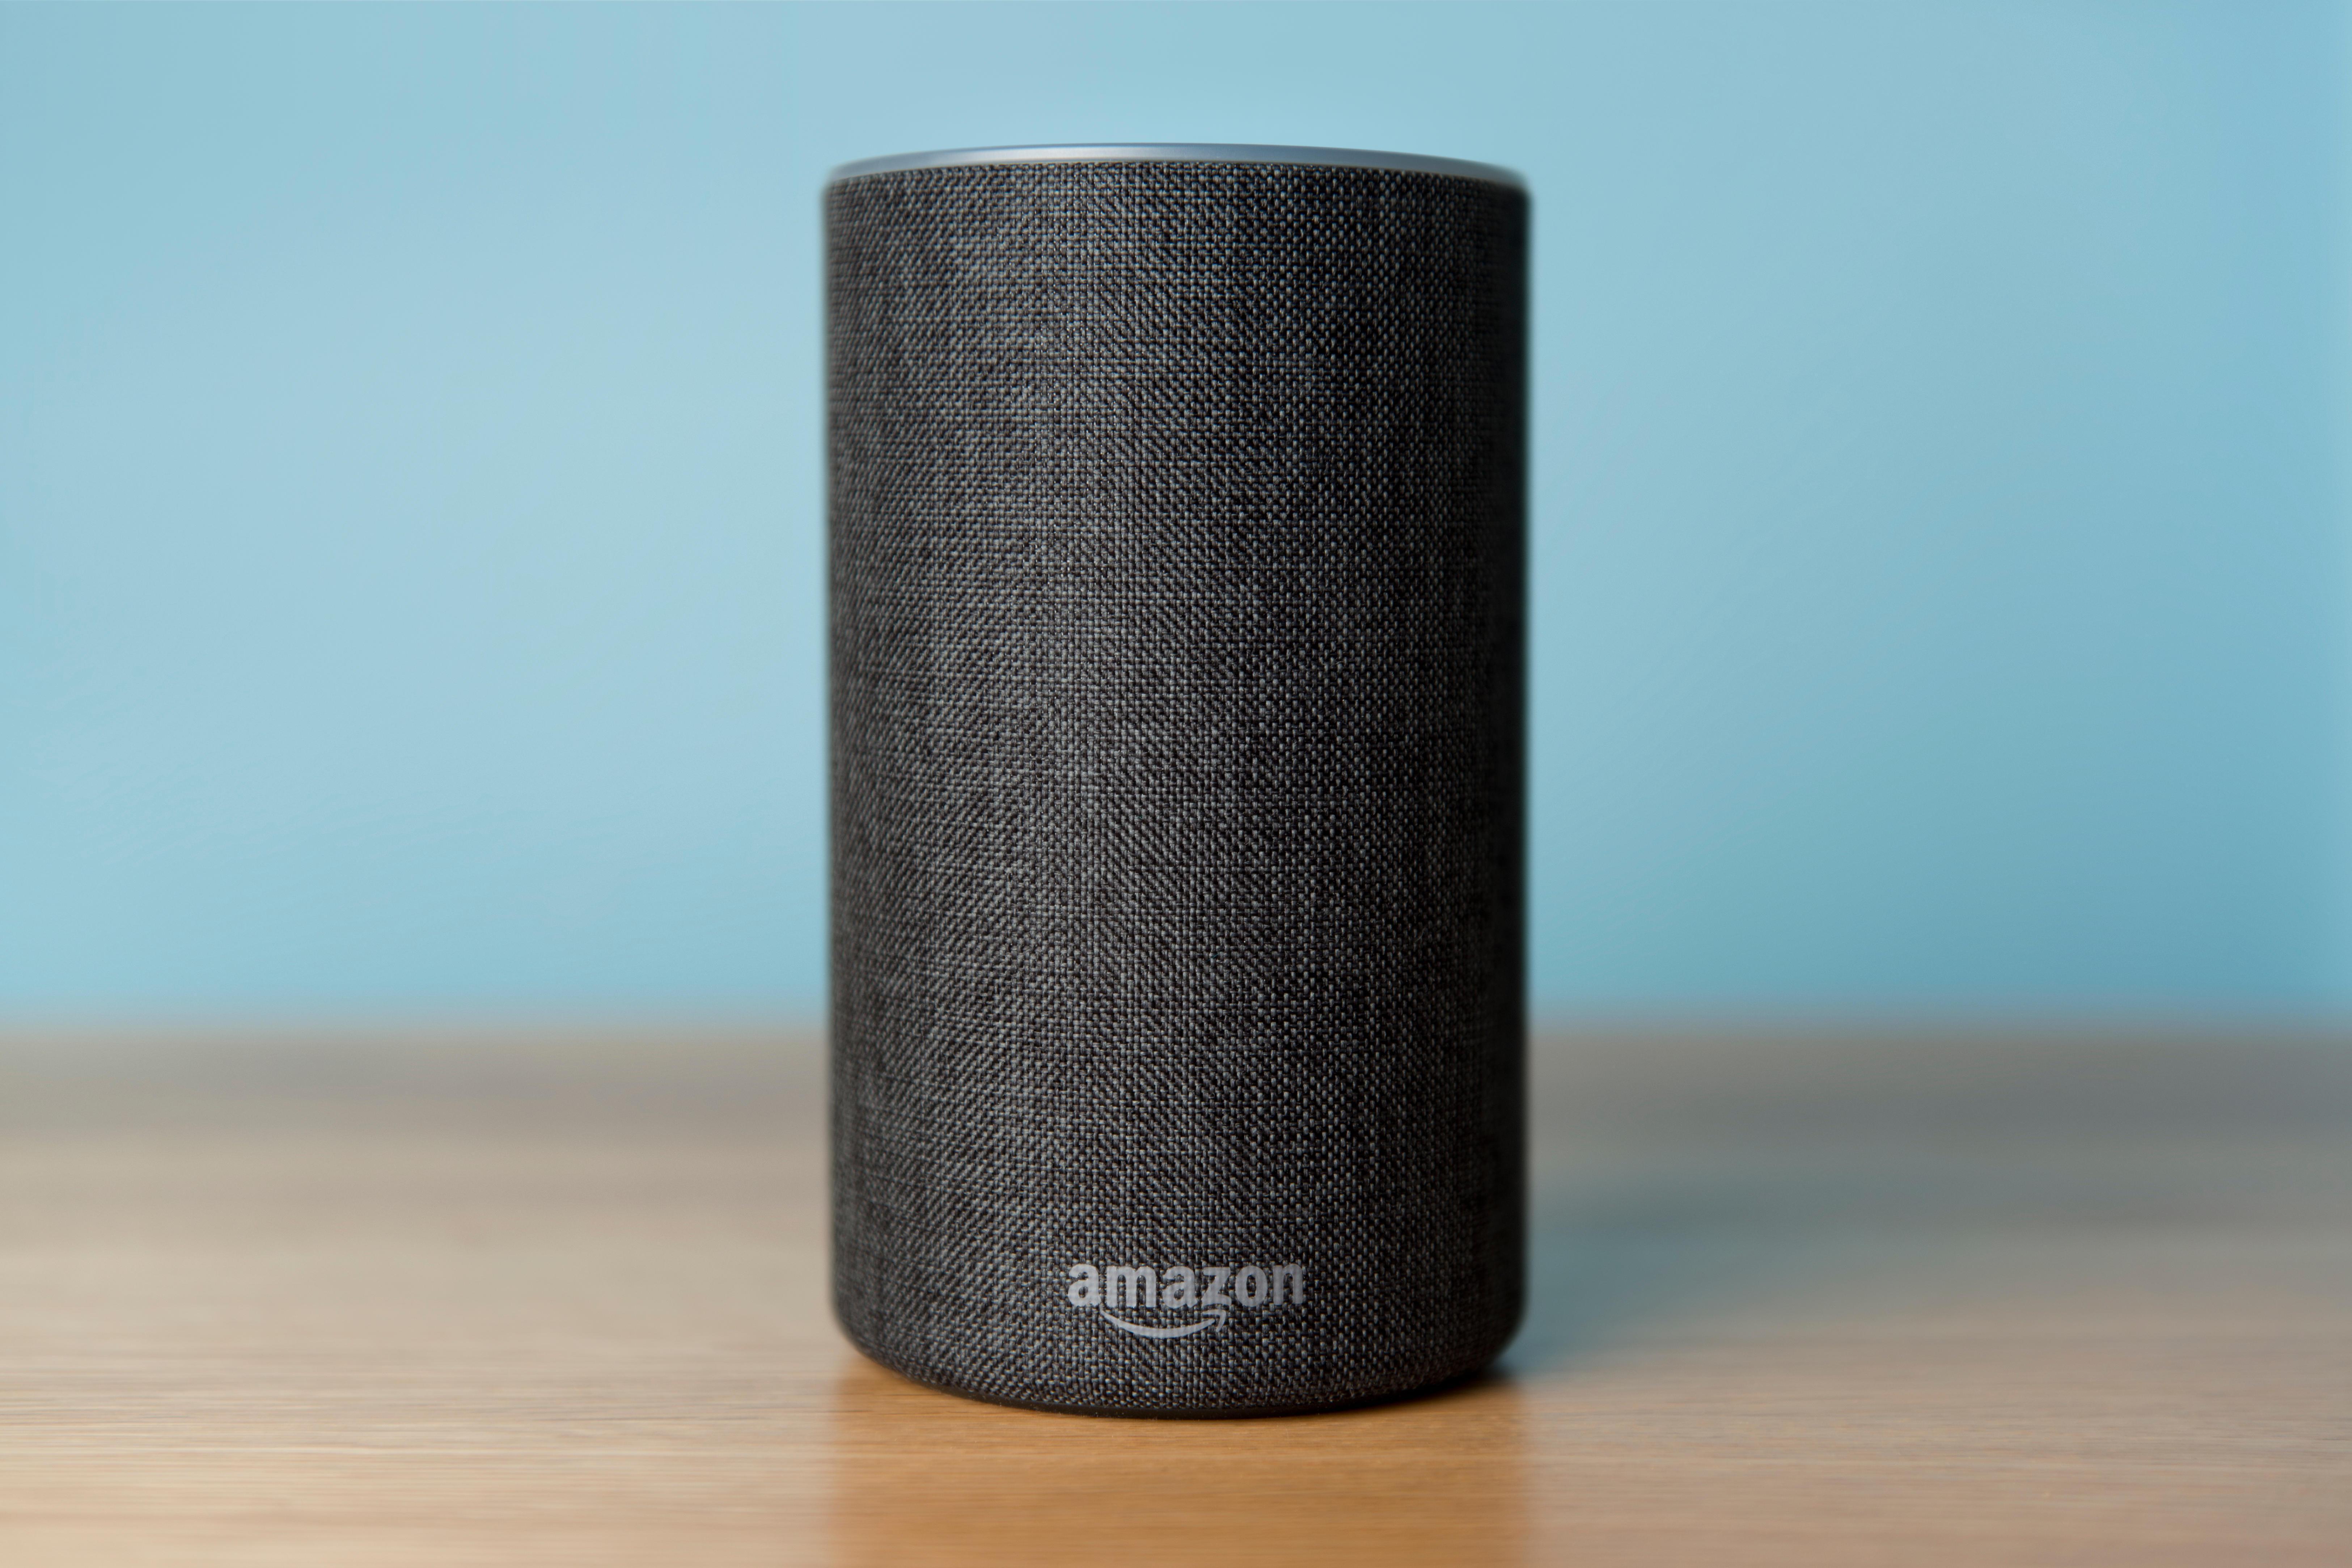 Amazonпопулярное эхо-устройство с поддержкой Alexa. По сообщениям, подростков на фабрике в Китае регулярно заставляют работать сверхурочно в нарушение трудового законодательства.